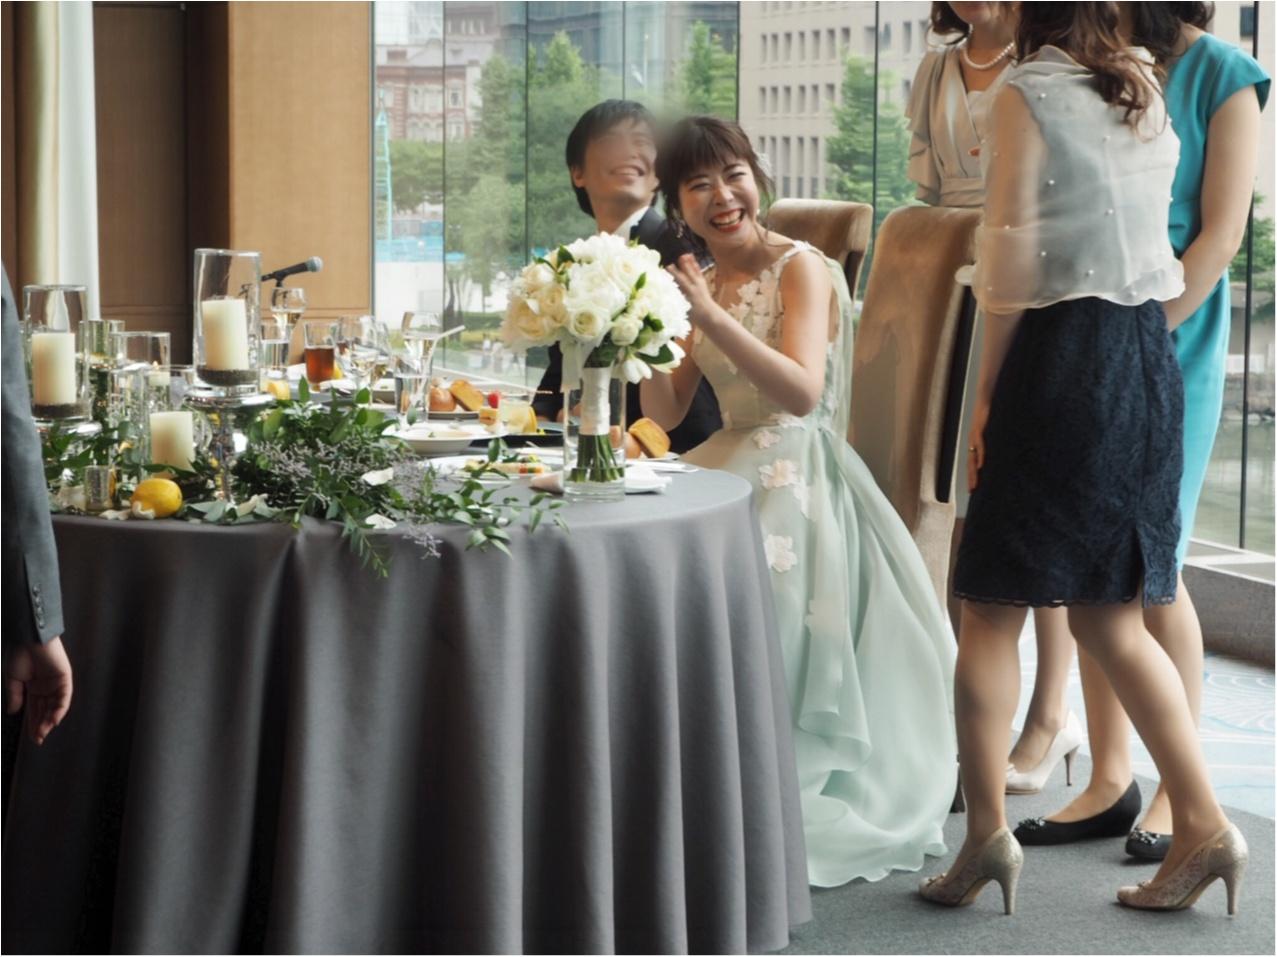 【パレスホテル東京】MOREインフルエンサーNo.600 asuちゃんの素敵な結婚式❤︎_9